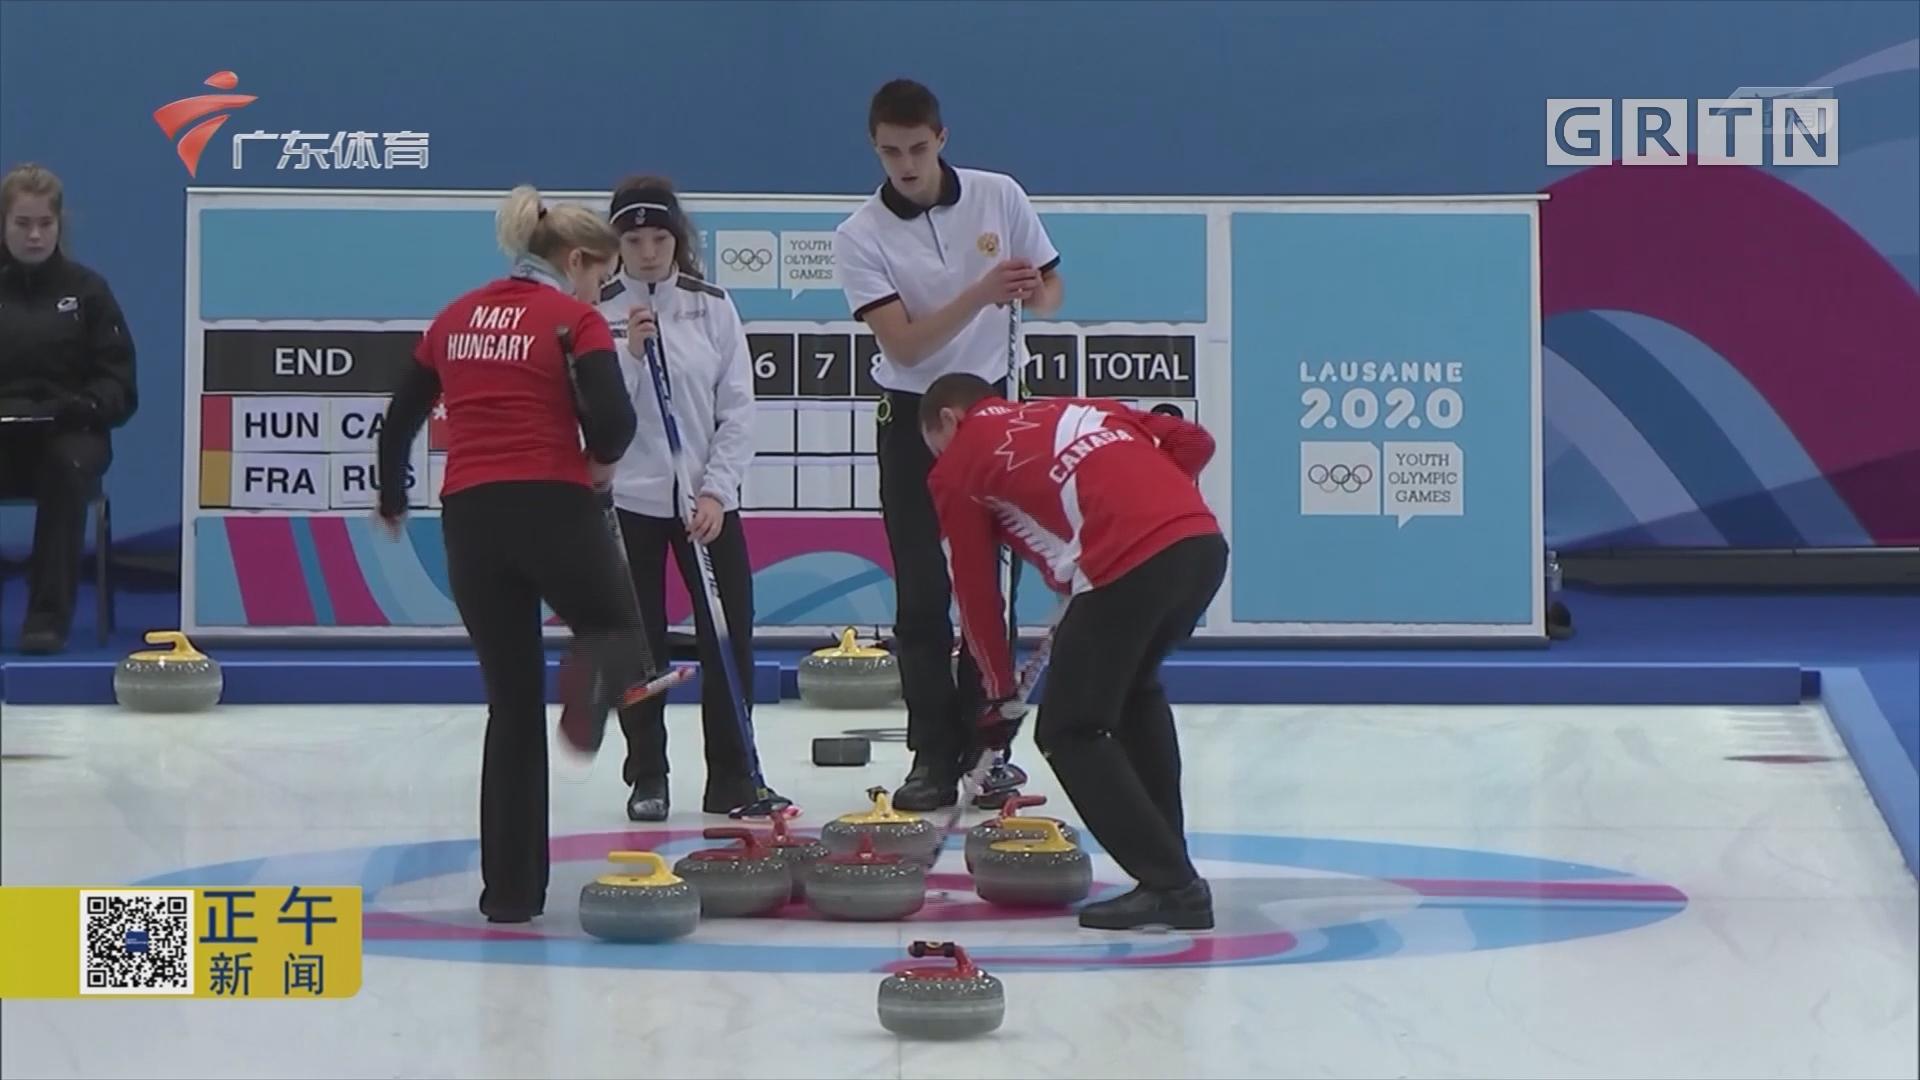 冬青奥会 日本女子队获得冰球冠军